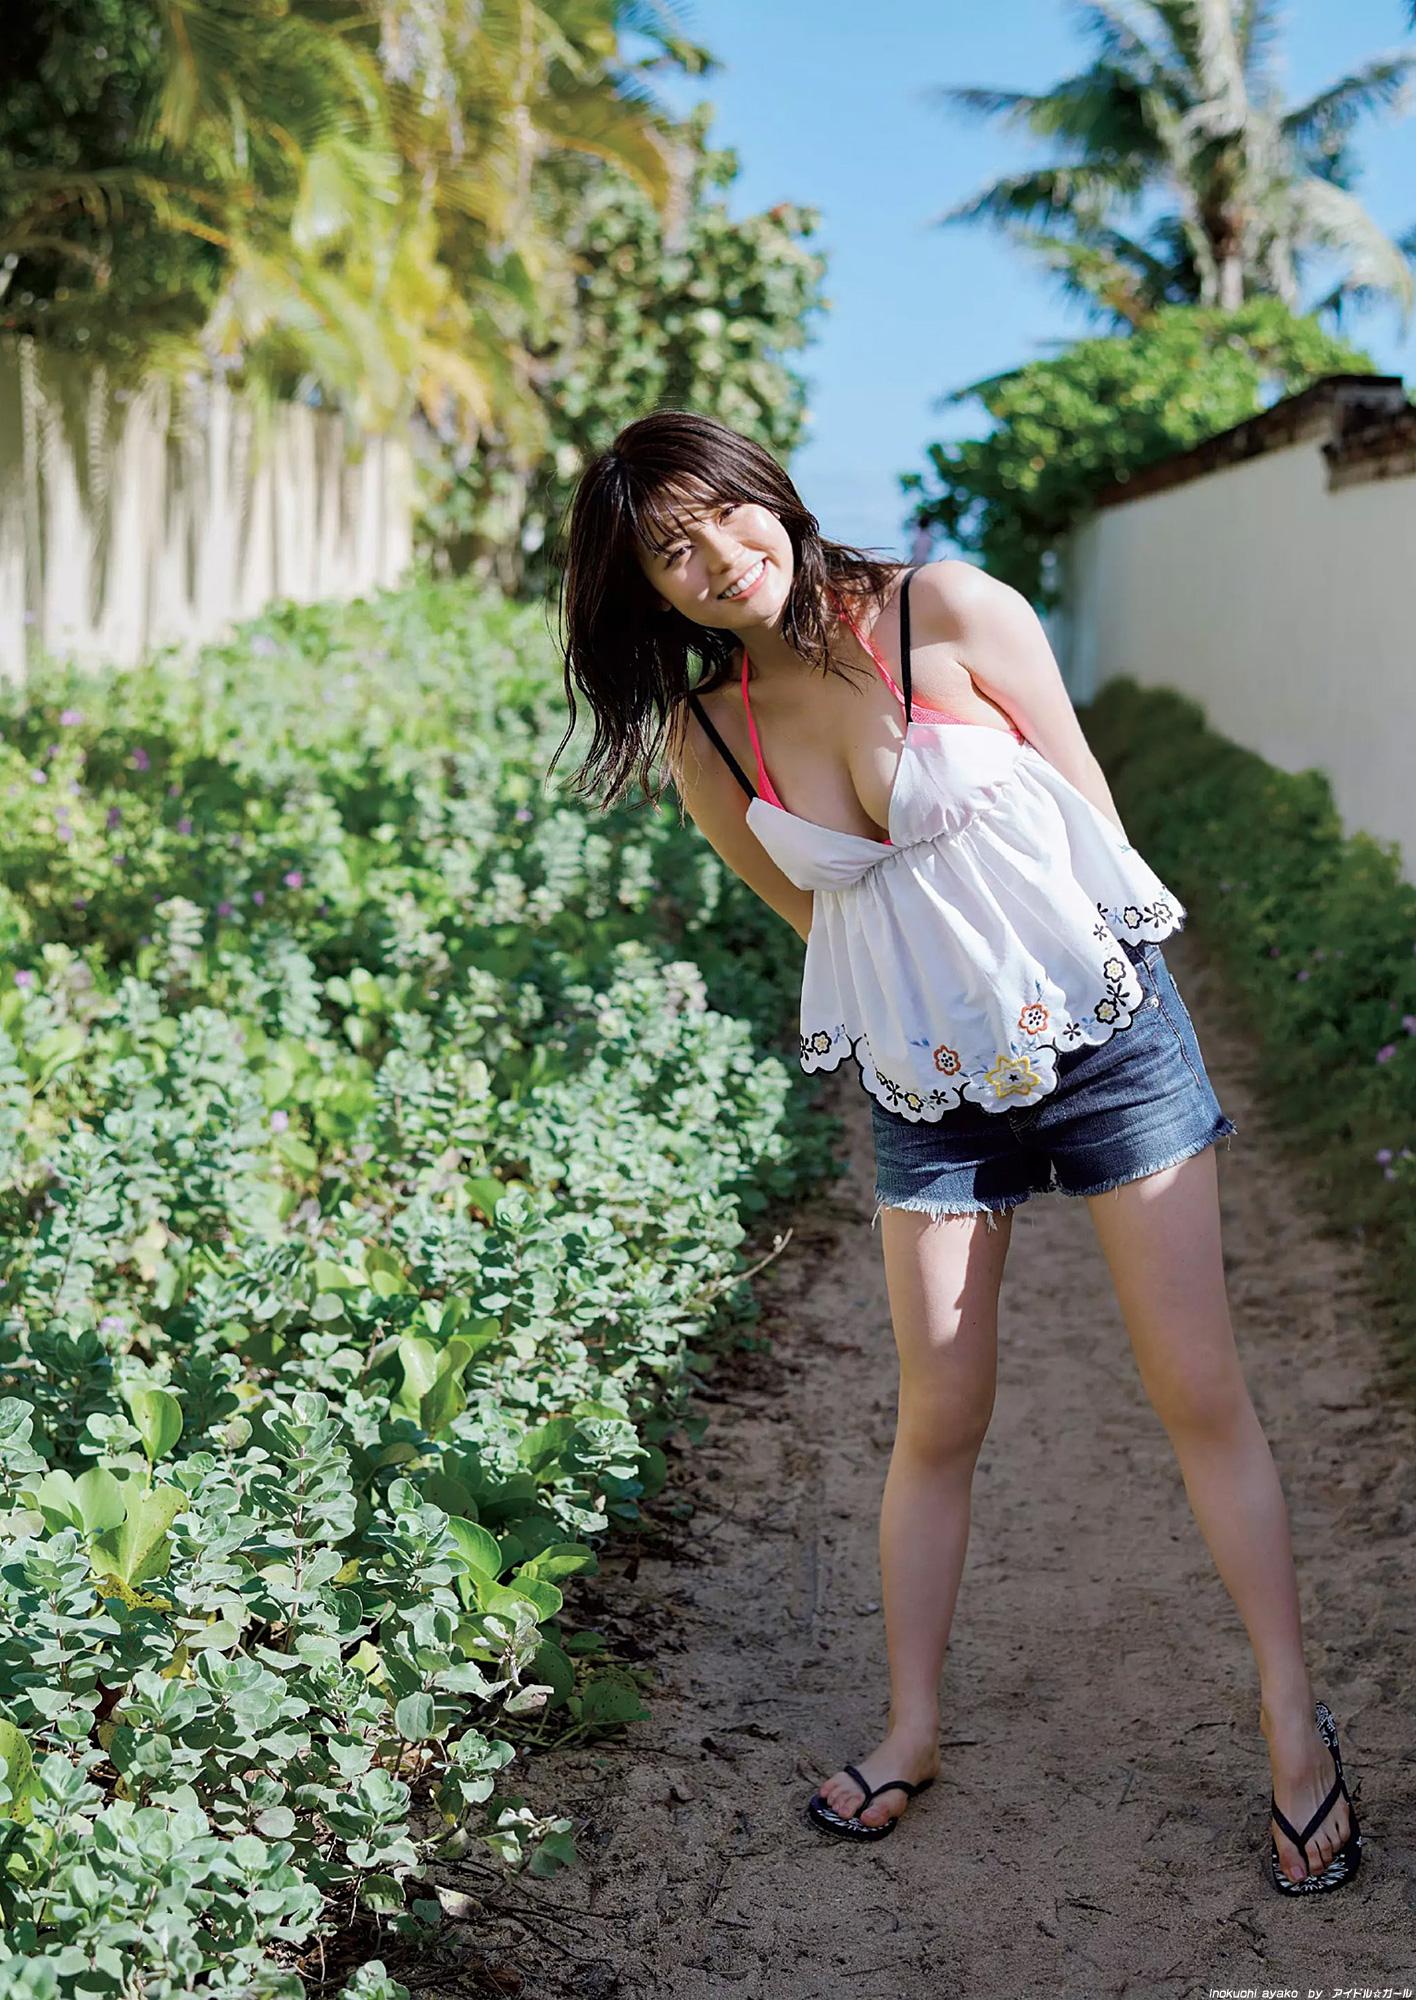 井口綾子の画像013b